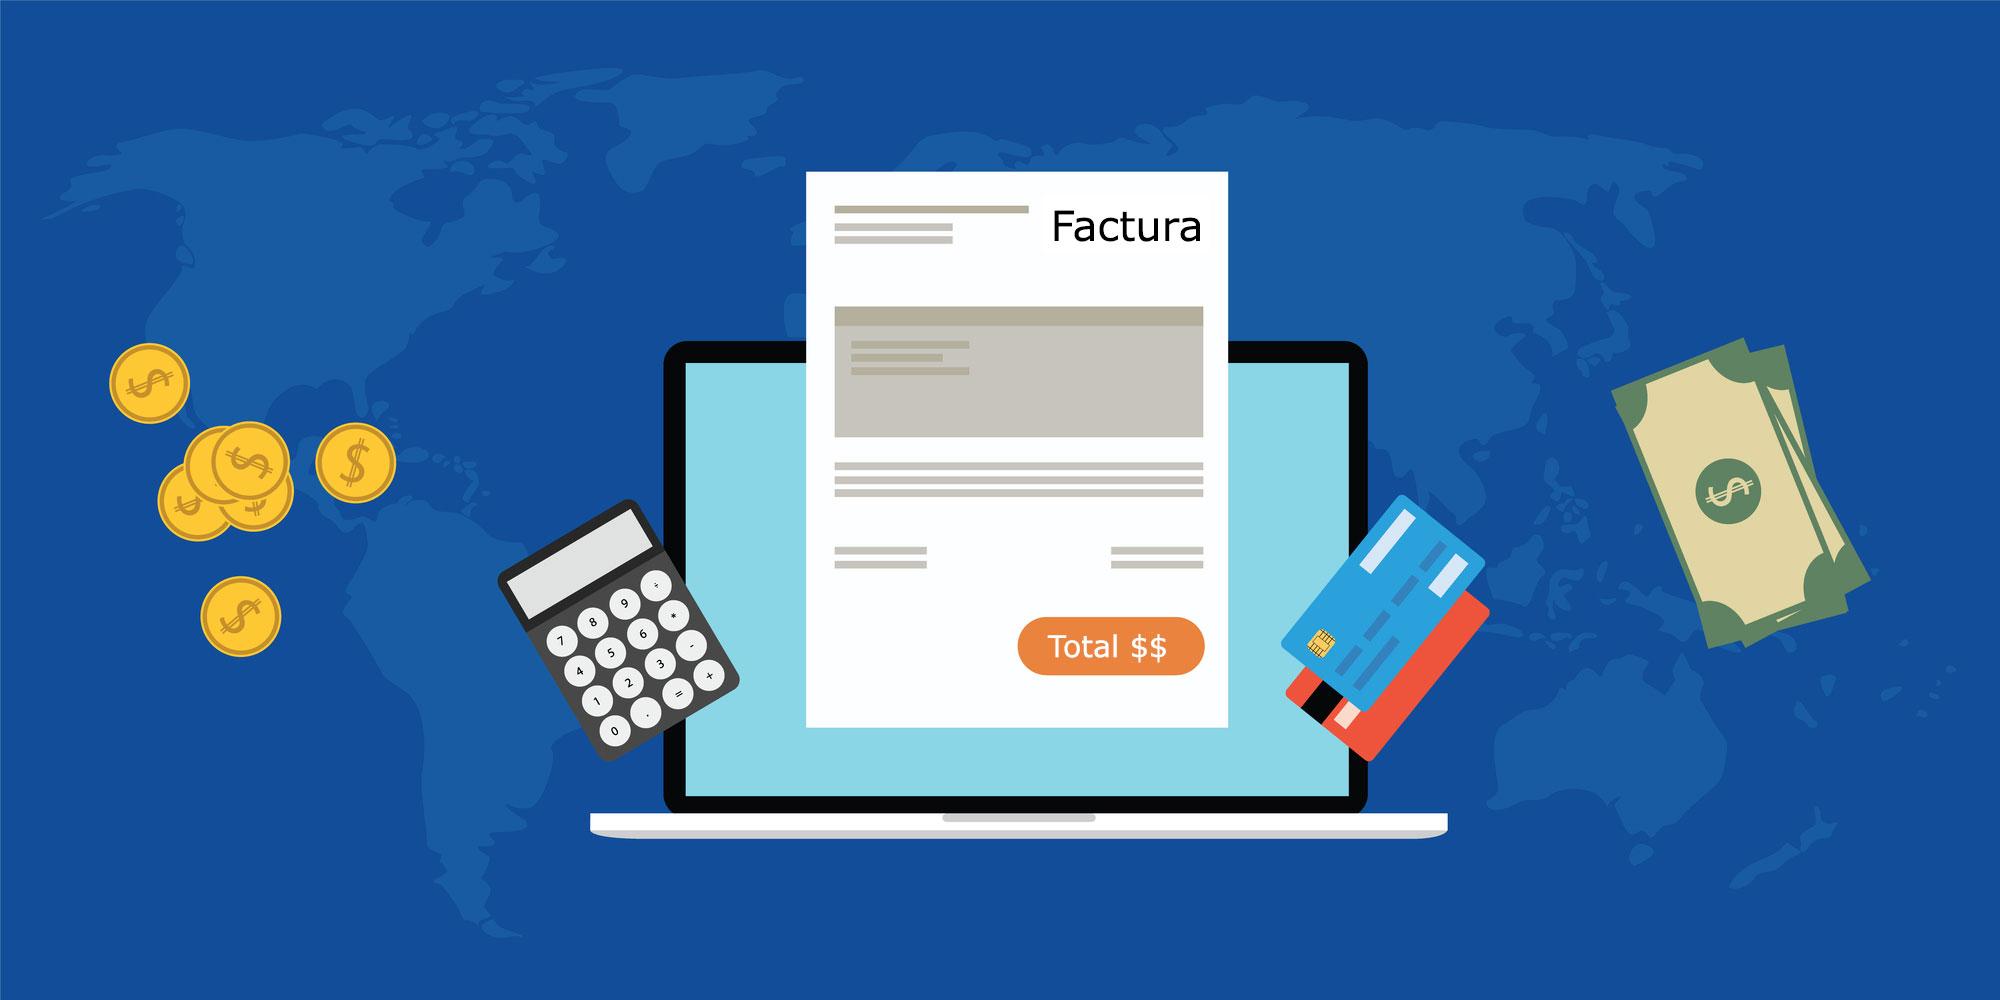 Sistema de facturación electrónica Costa Rica